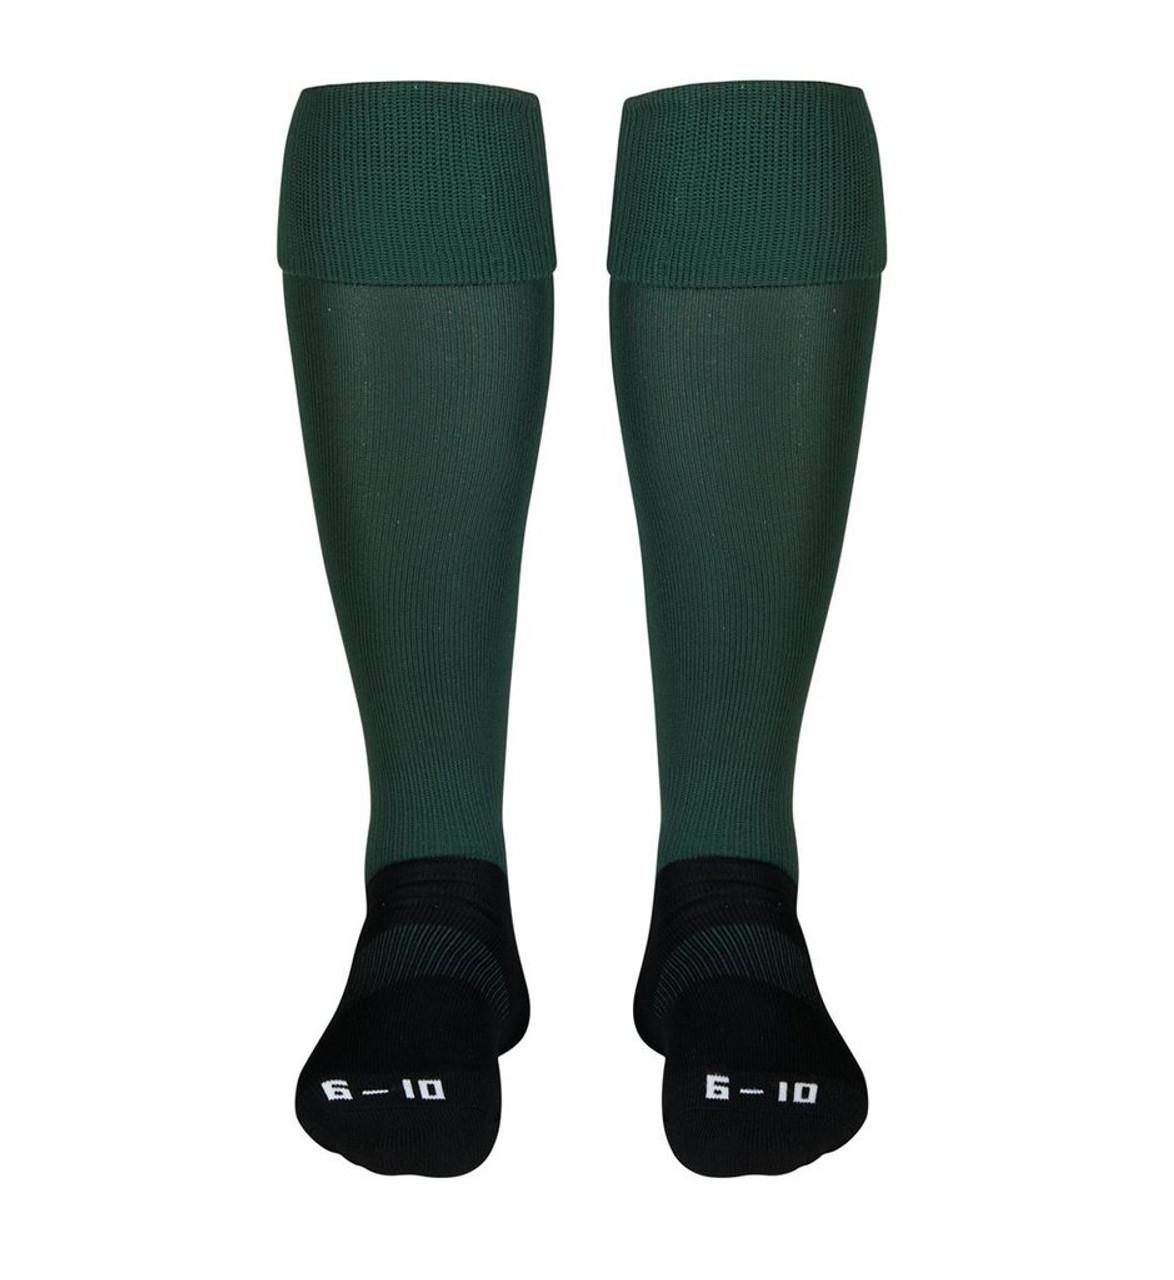 Green Rugby Socks: Canterbury Club Team Rugby Sock